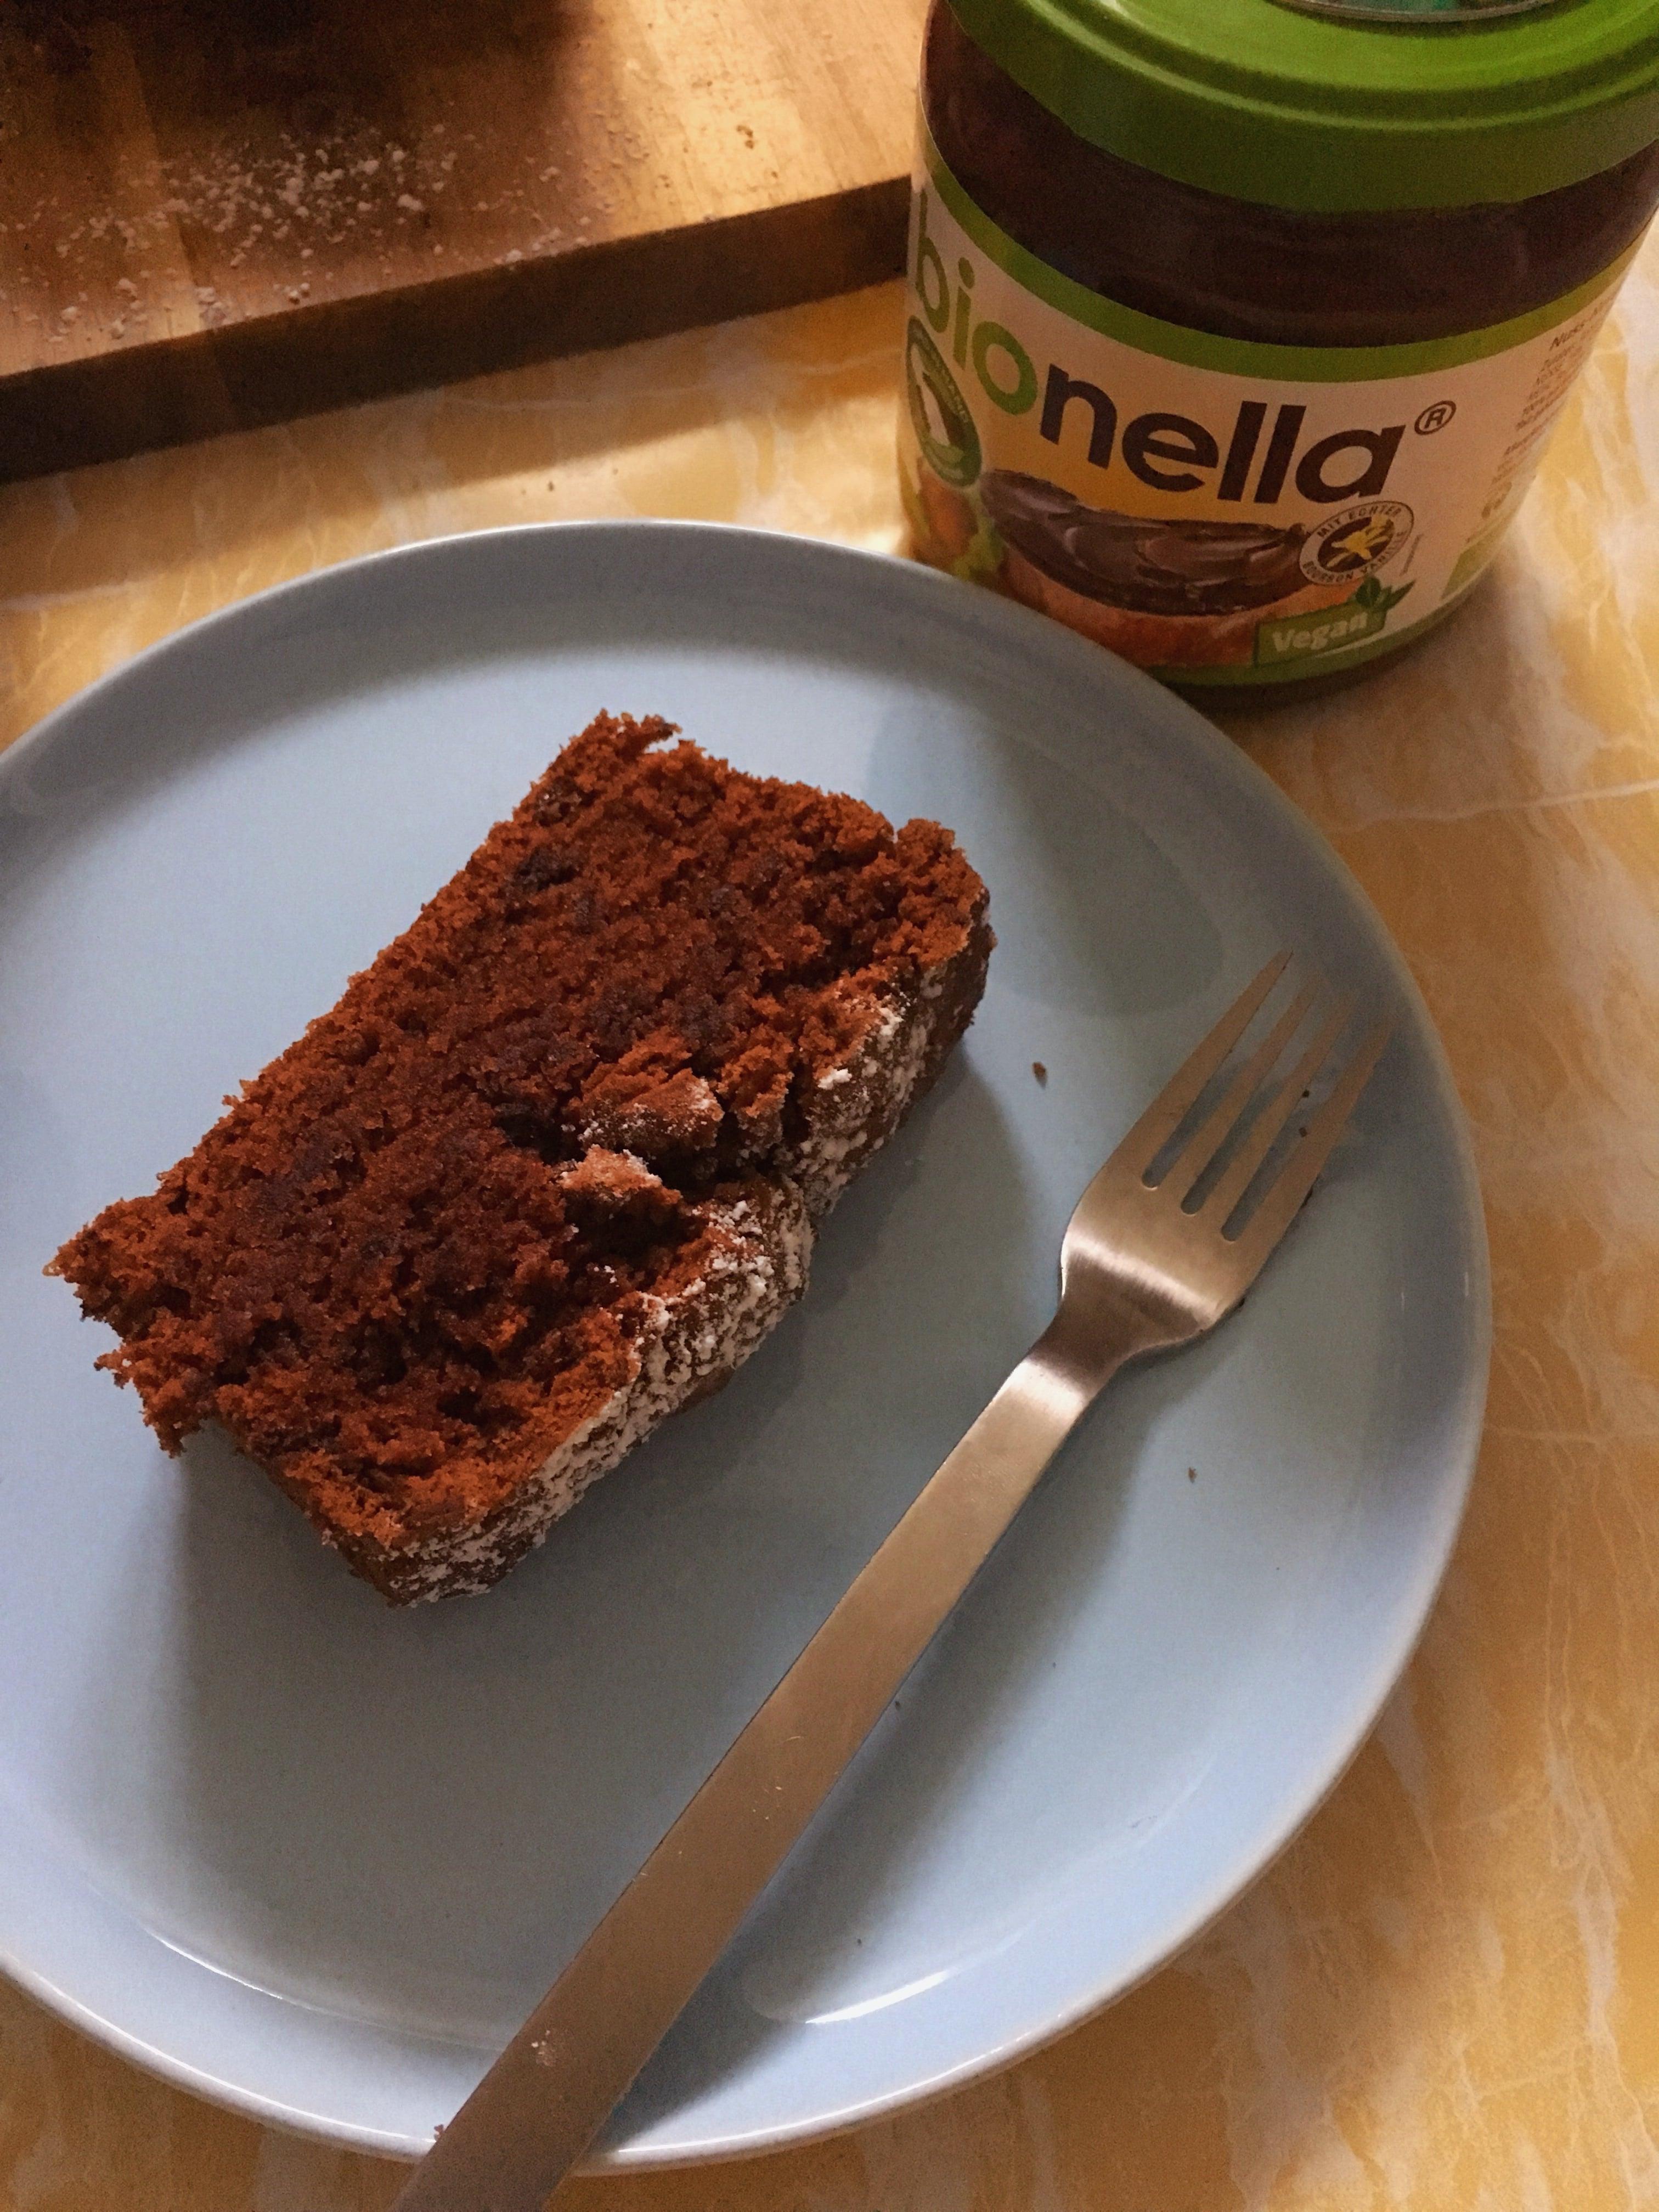 Heute könnt ihr auf dem Blog ein Rezept für einen veganen bionella Schoko-Kuchen entdecken und den saftigen Kuchen aus der Kastenform im Handumdrehen backen